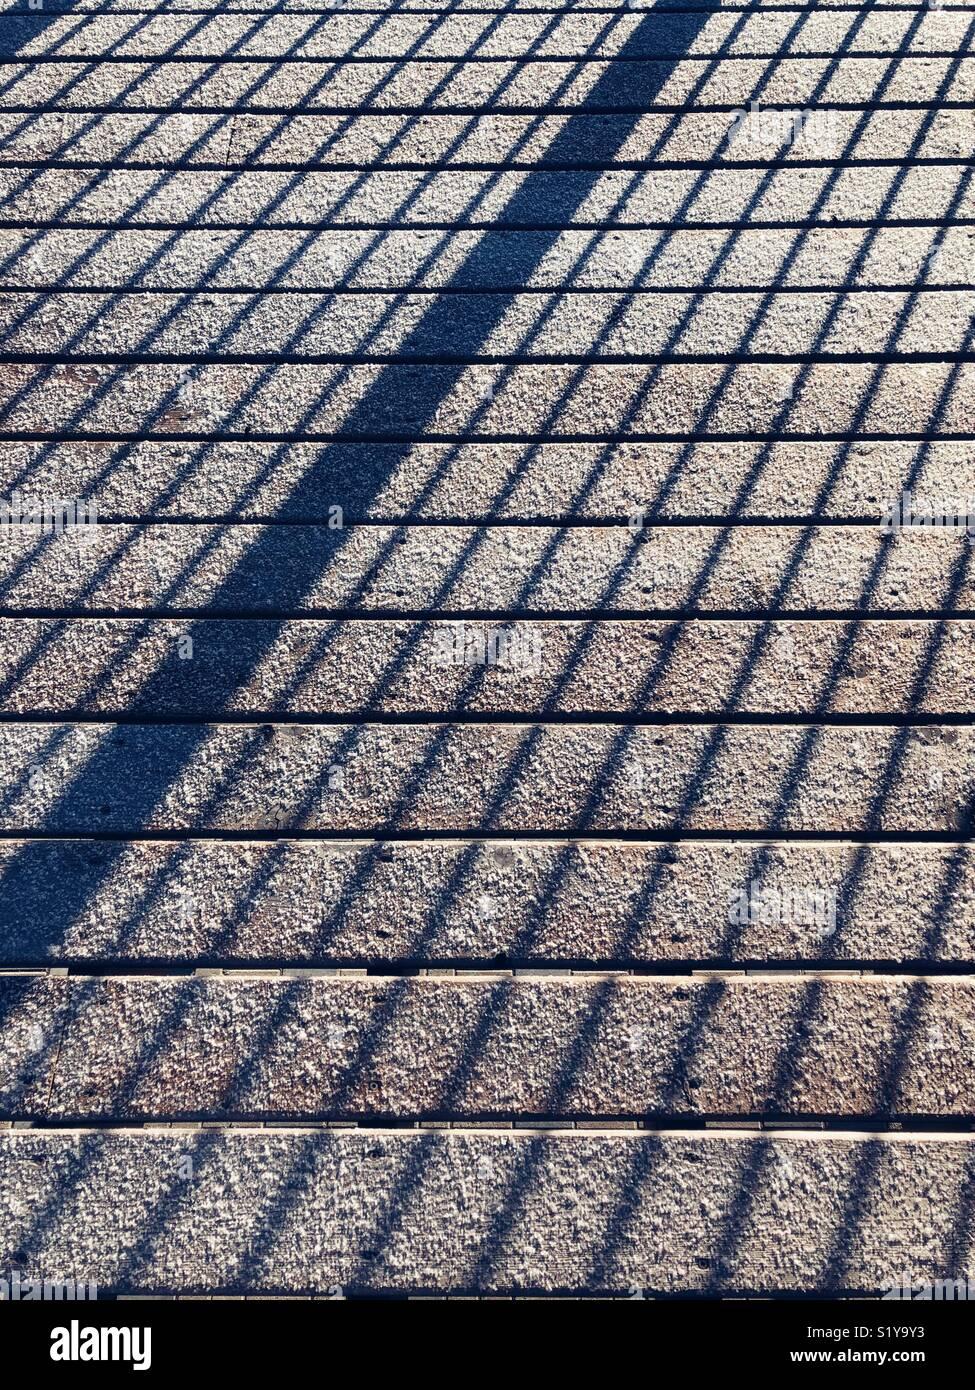 Abstract ombres sur terrasse de bois couverte de givre qui un motif géométrique Photo Stock